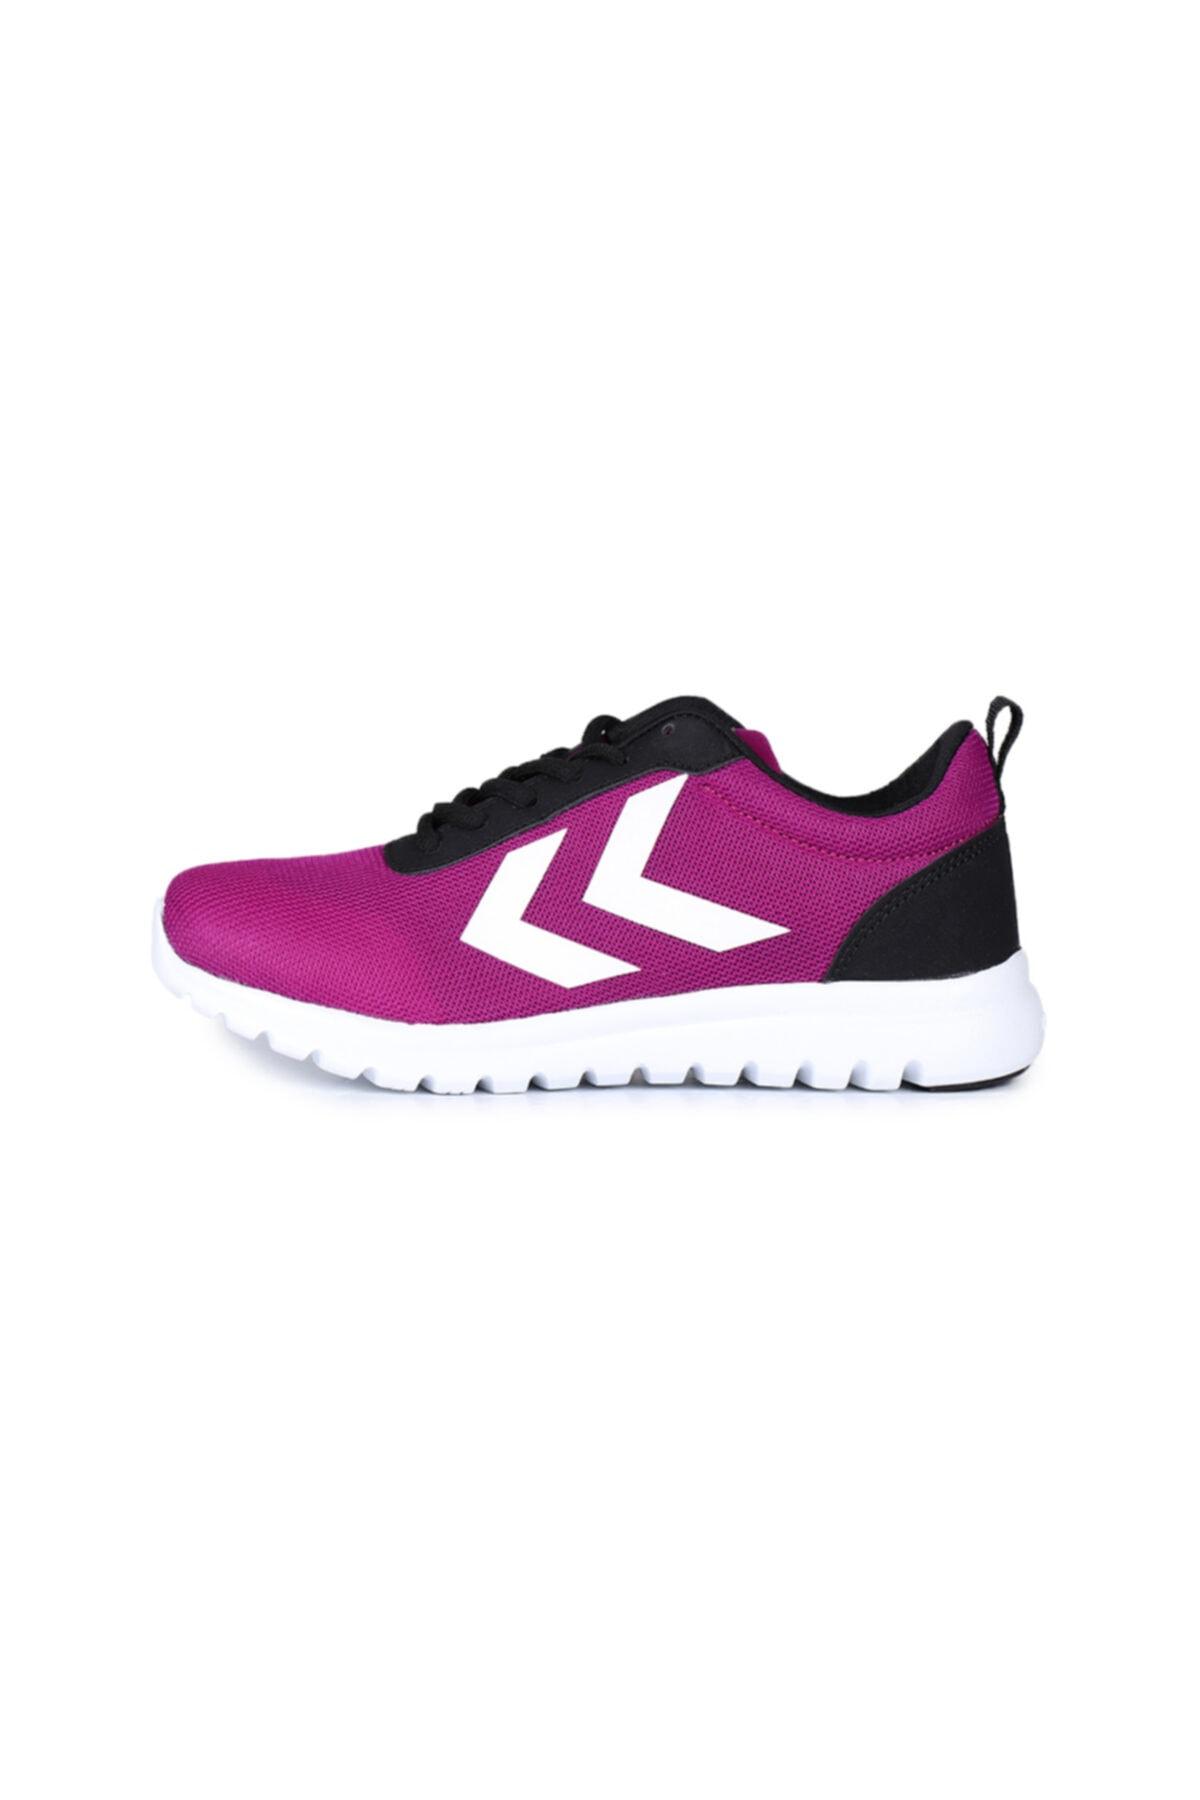 HUMMEL Kadın Mor Koşu & Antrenman Ayakkabısı 2